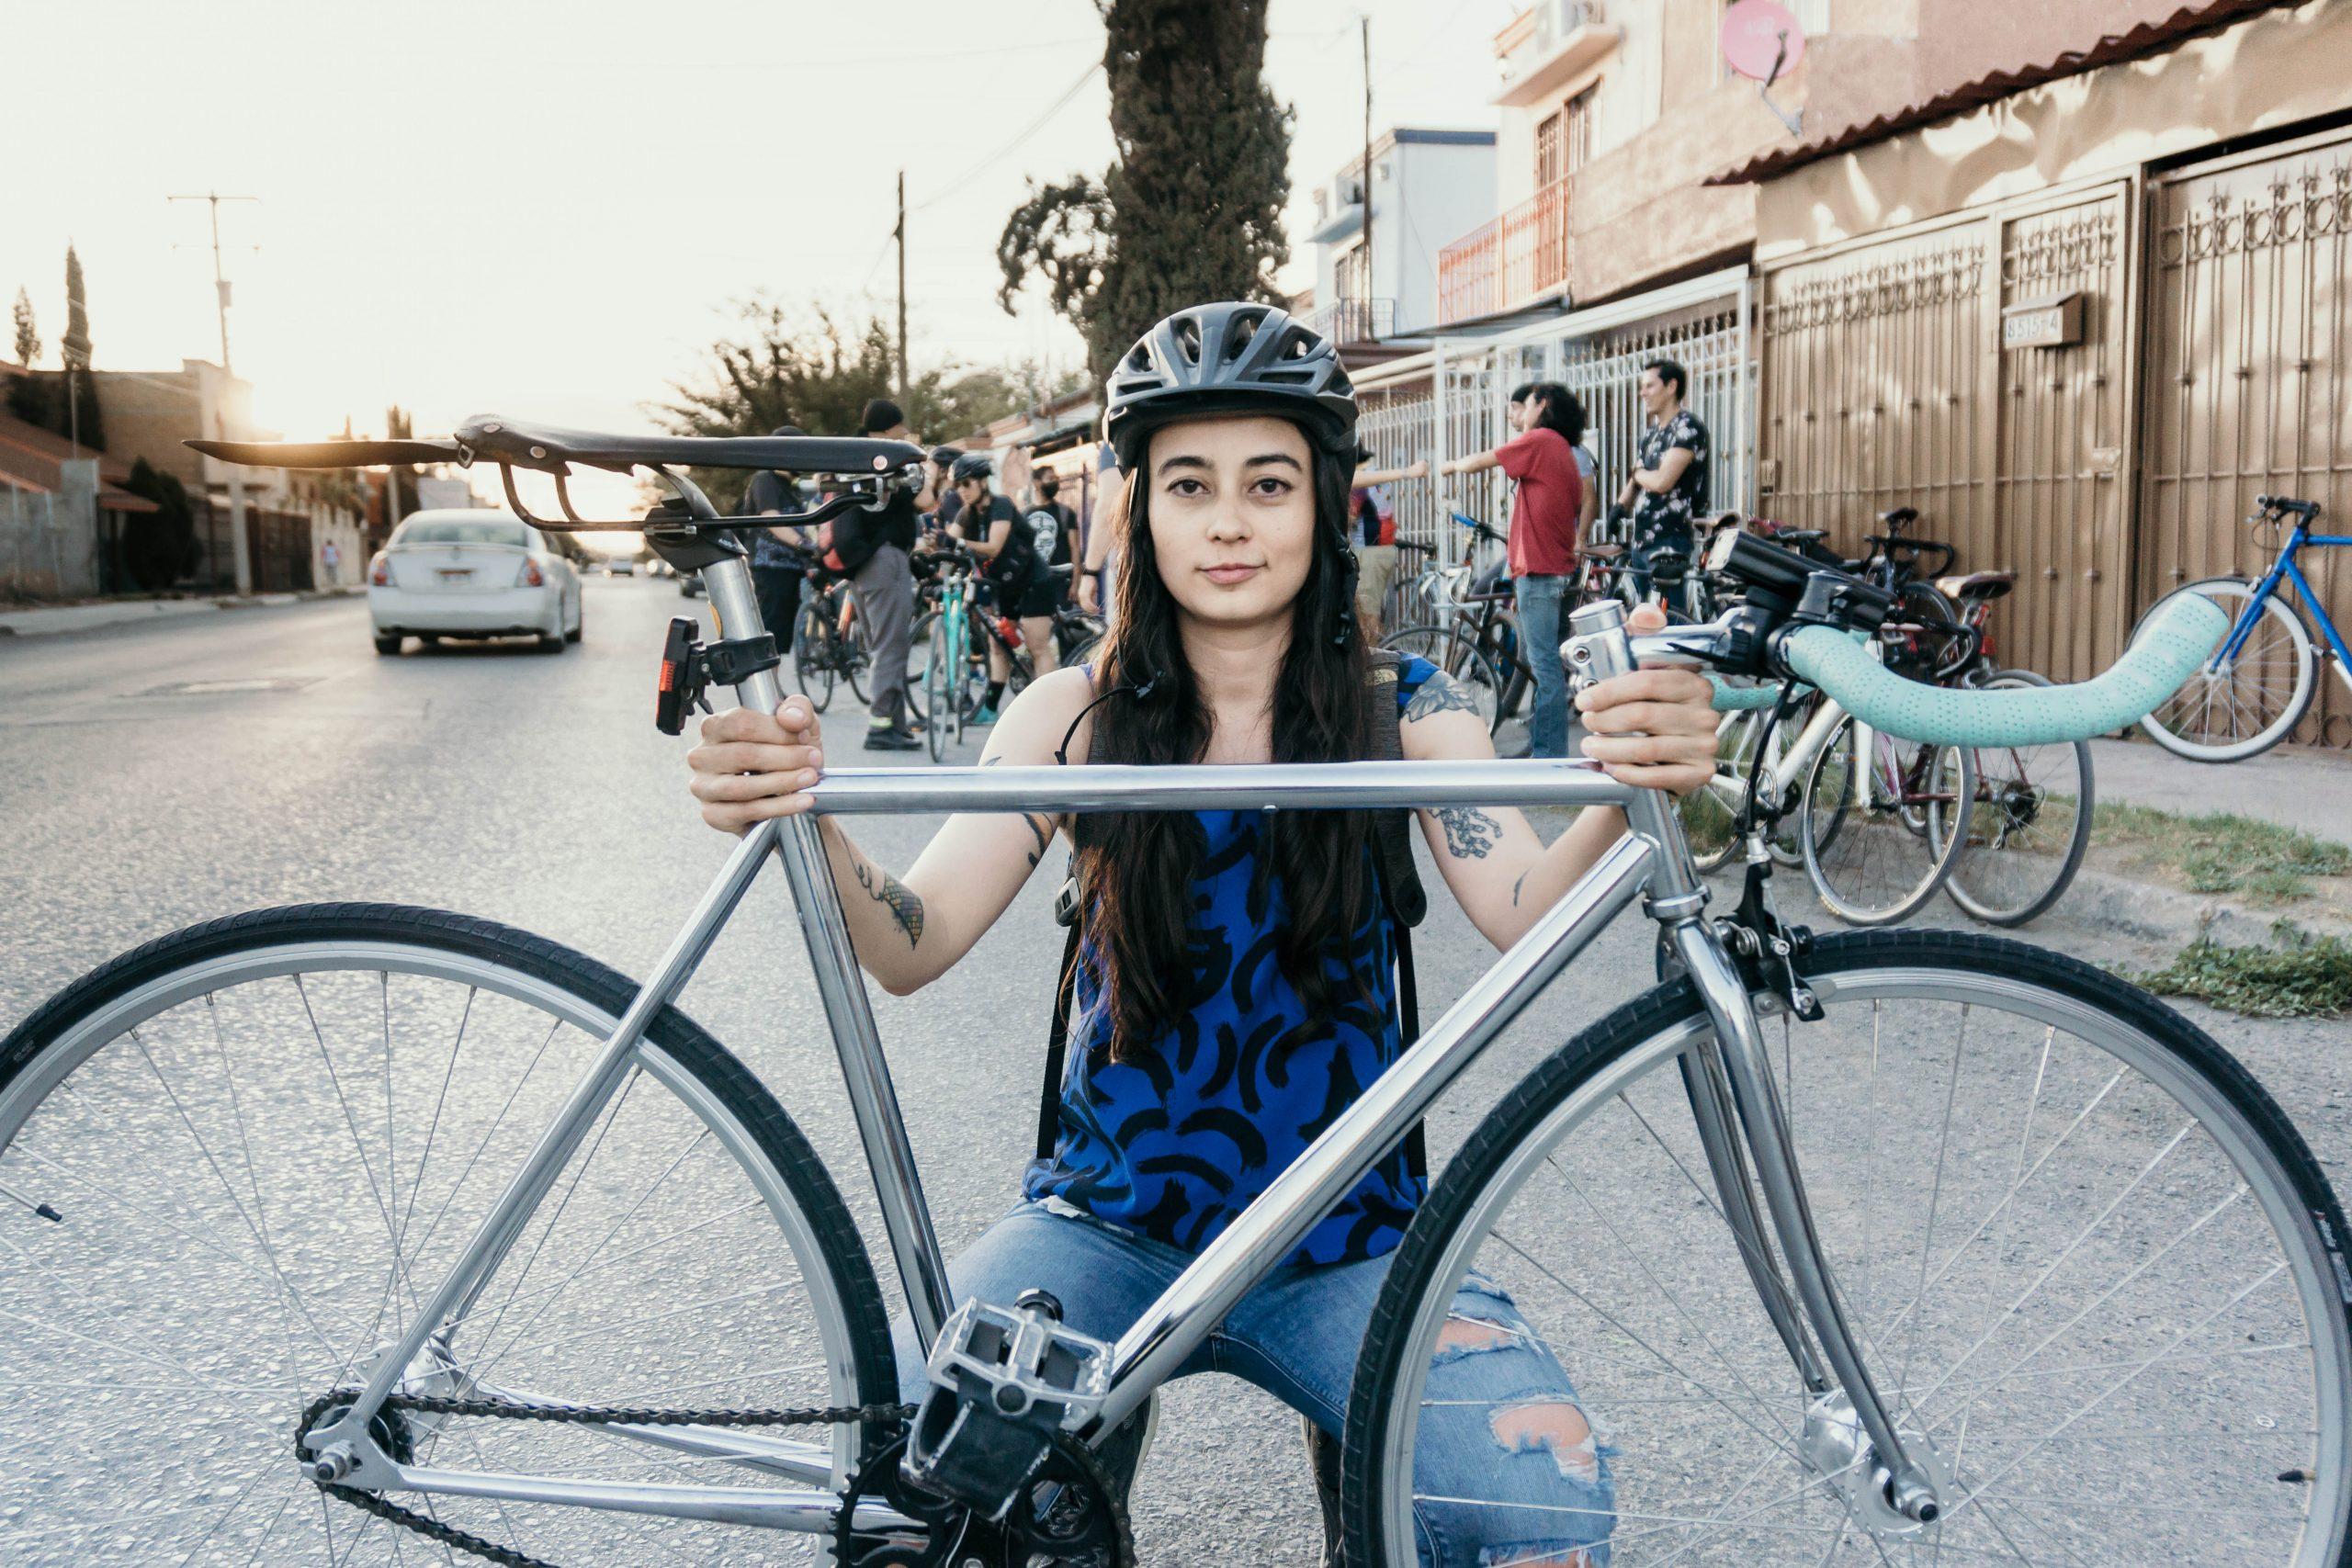 Bicycle Mayor Ciudad Juárez